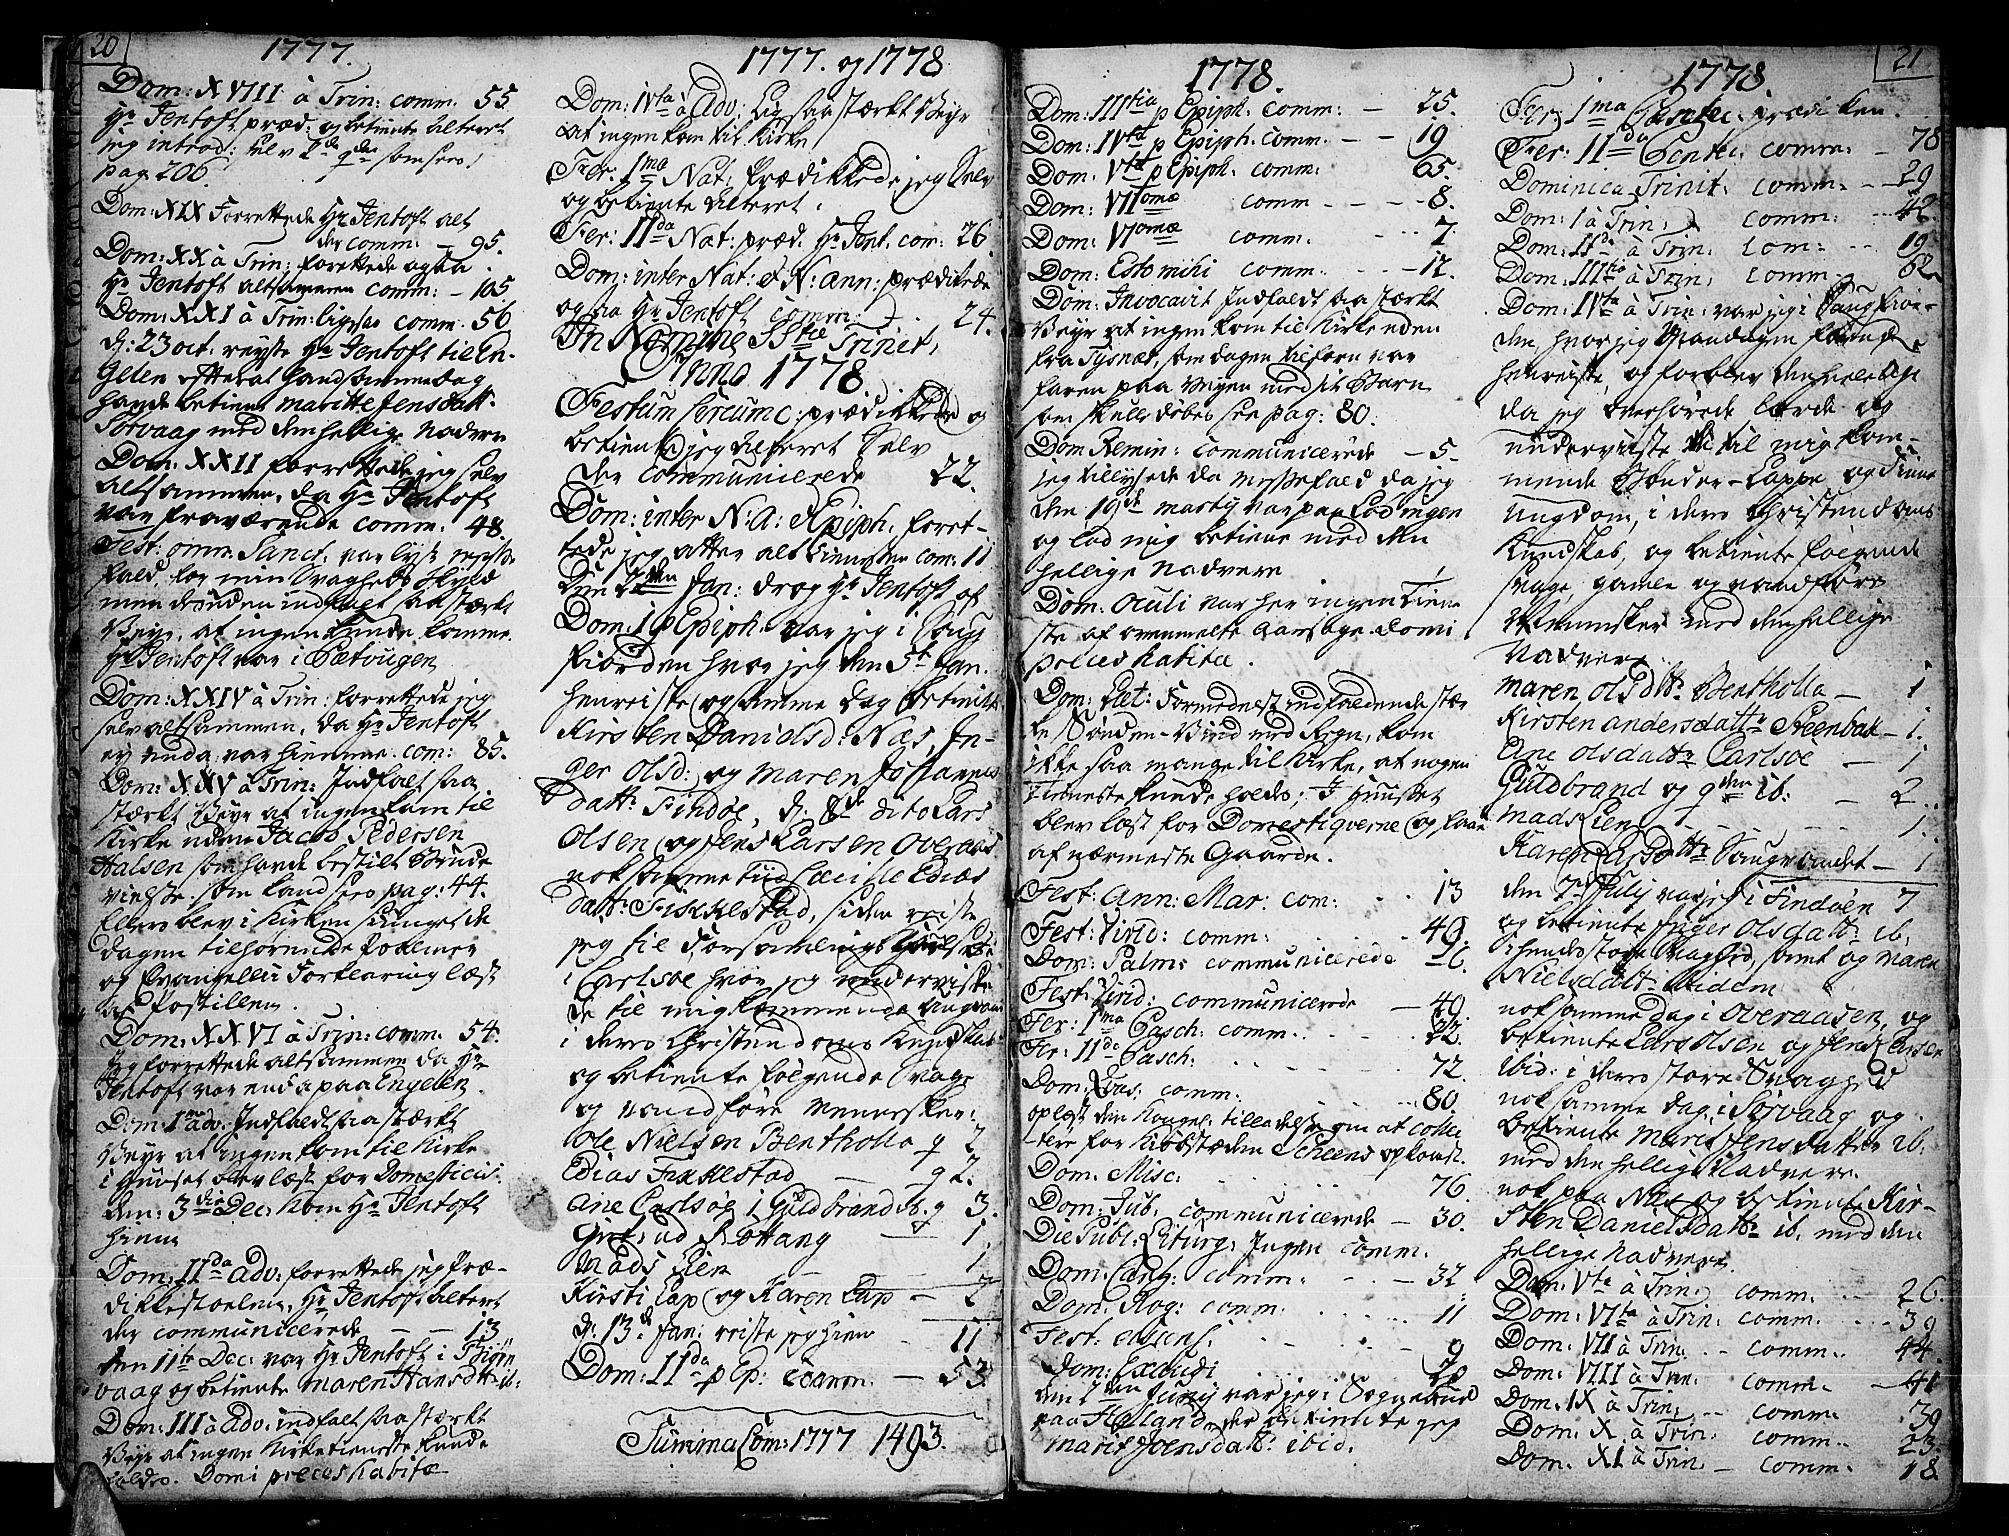 SAT, Ministerialprotokoller, klokkerbøker og fødselsregistre - Nordland, 859/L0841: Parish register (official) no. 859A01, 1766-1821, p. 20-21